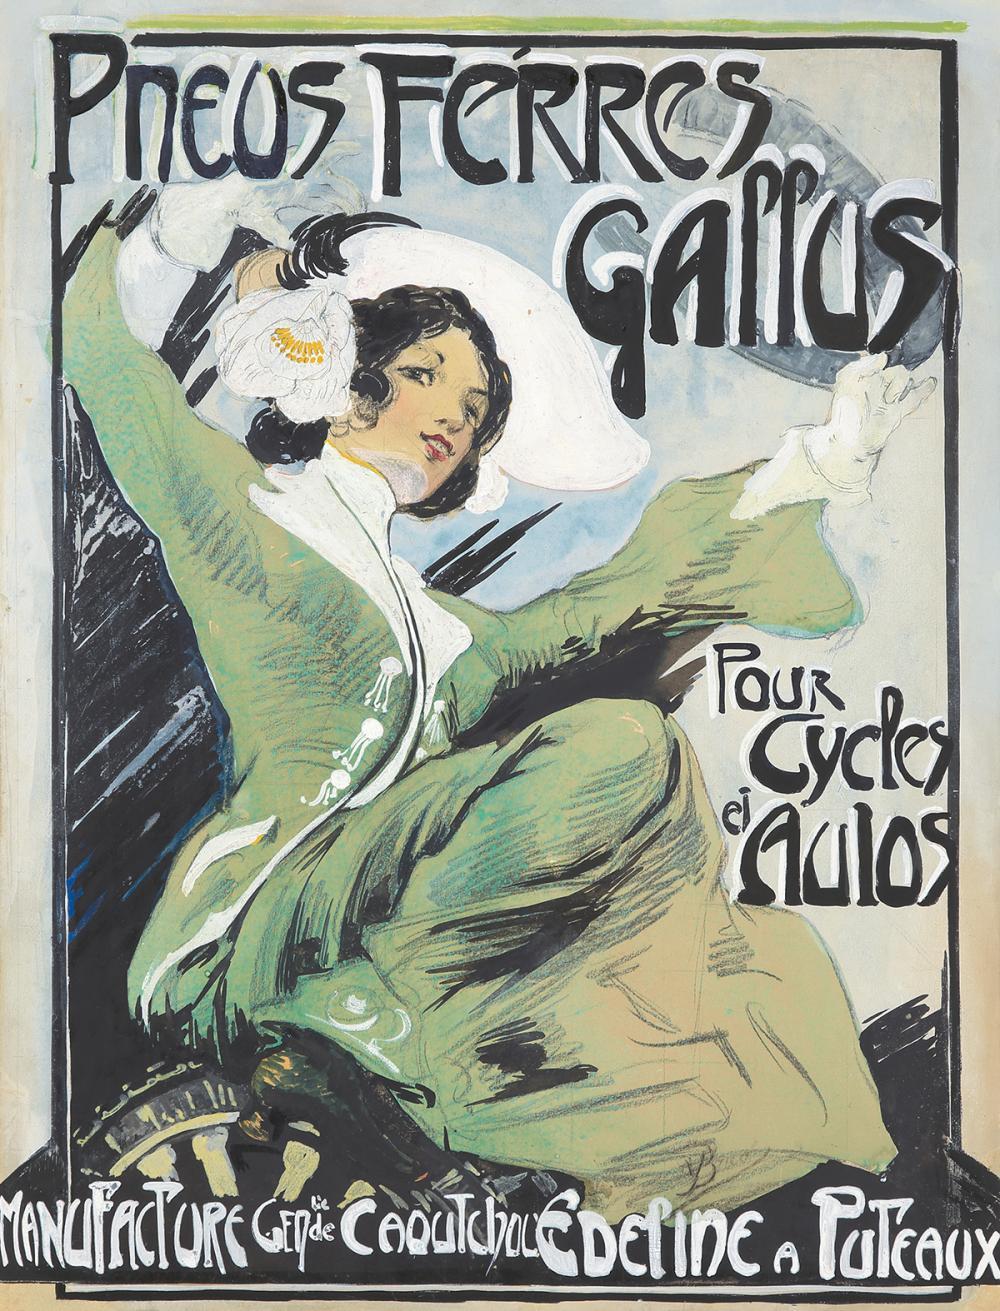 Pneus Férres Gallus : Maquette. ca. 1900.